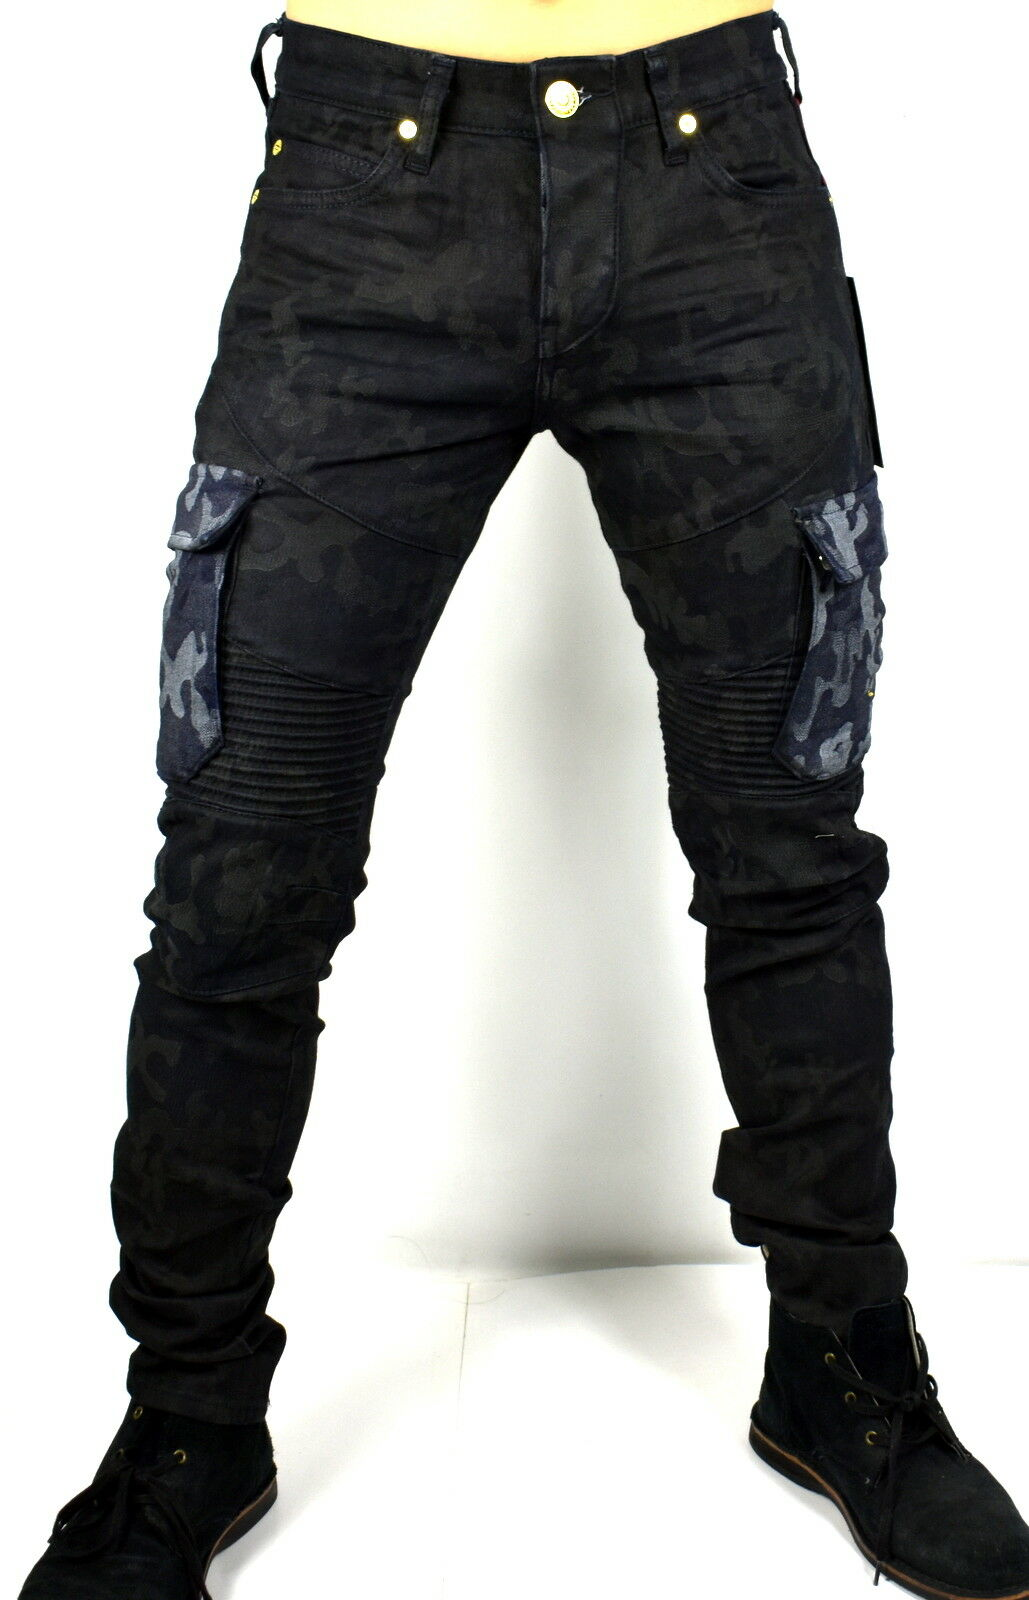 True Religion $329 Men's Rocco Skinny Black Camo Cargo Moto Jeans - MDAD09224Y